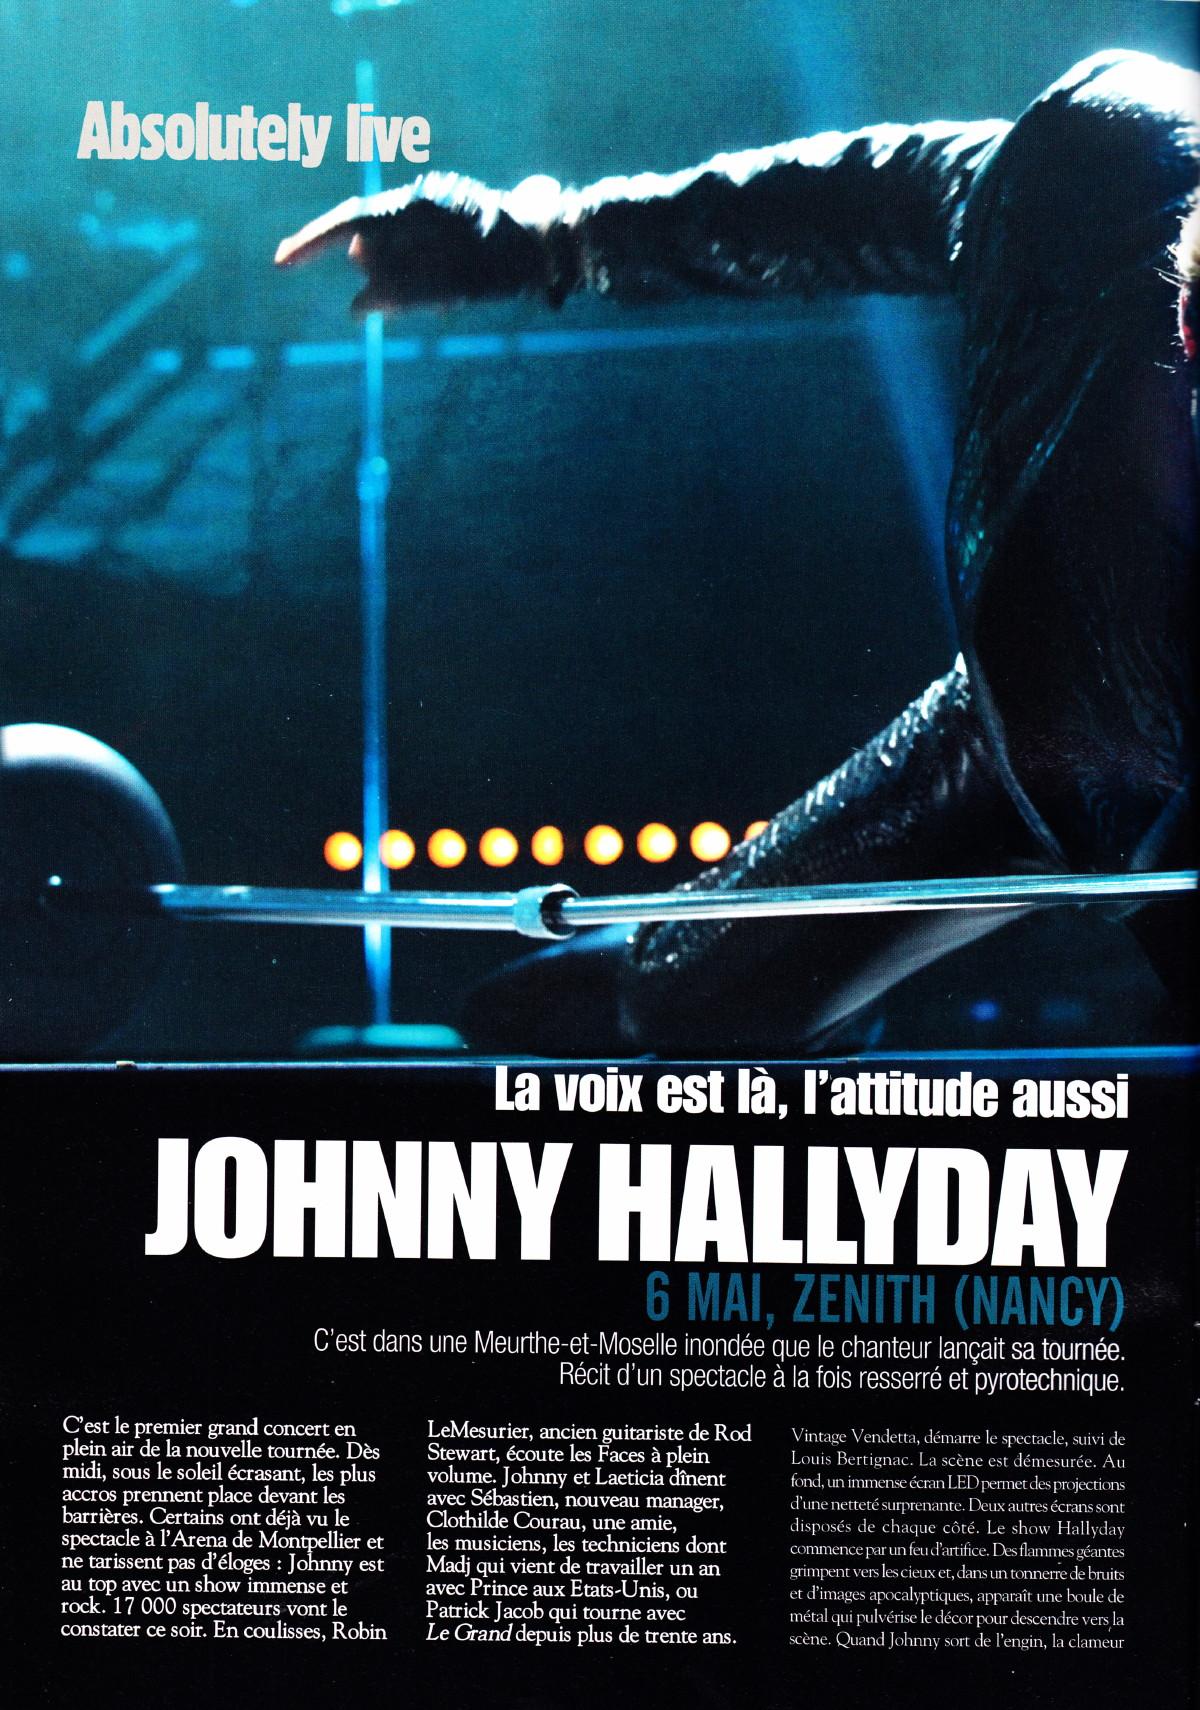 """Le """"TOUR 2012"""" par JEAN-WILLIAM THOURY dans """"ROCK&FOLK"""" (juillet 2012) 1206180727401423619999586"""